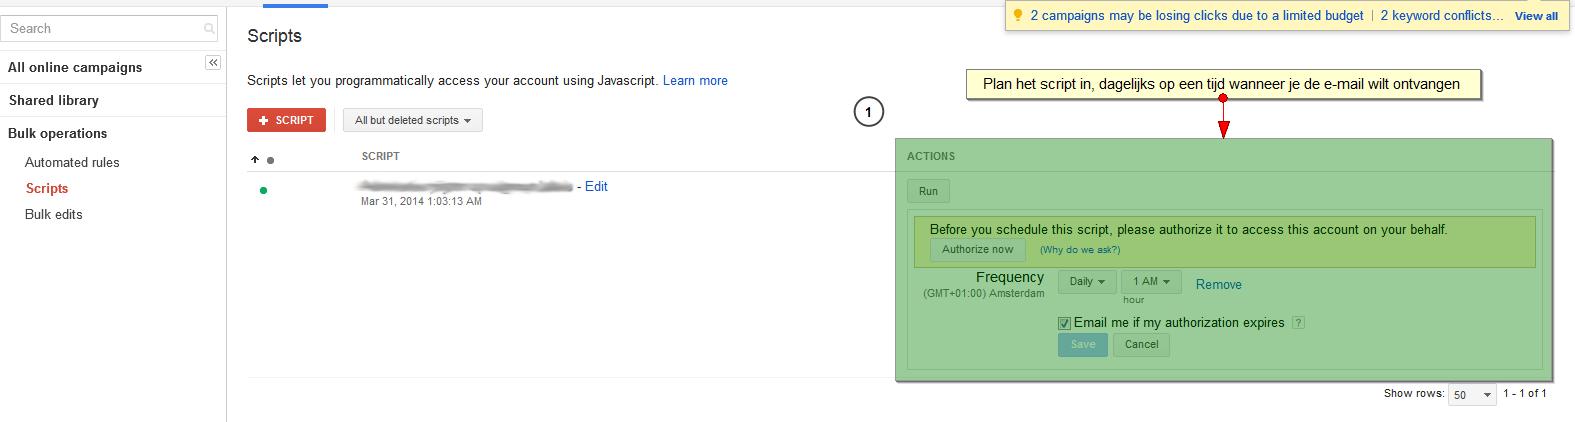 stap 4 adwords script inplannen - Adwords script email met campagnes zonder impressies